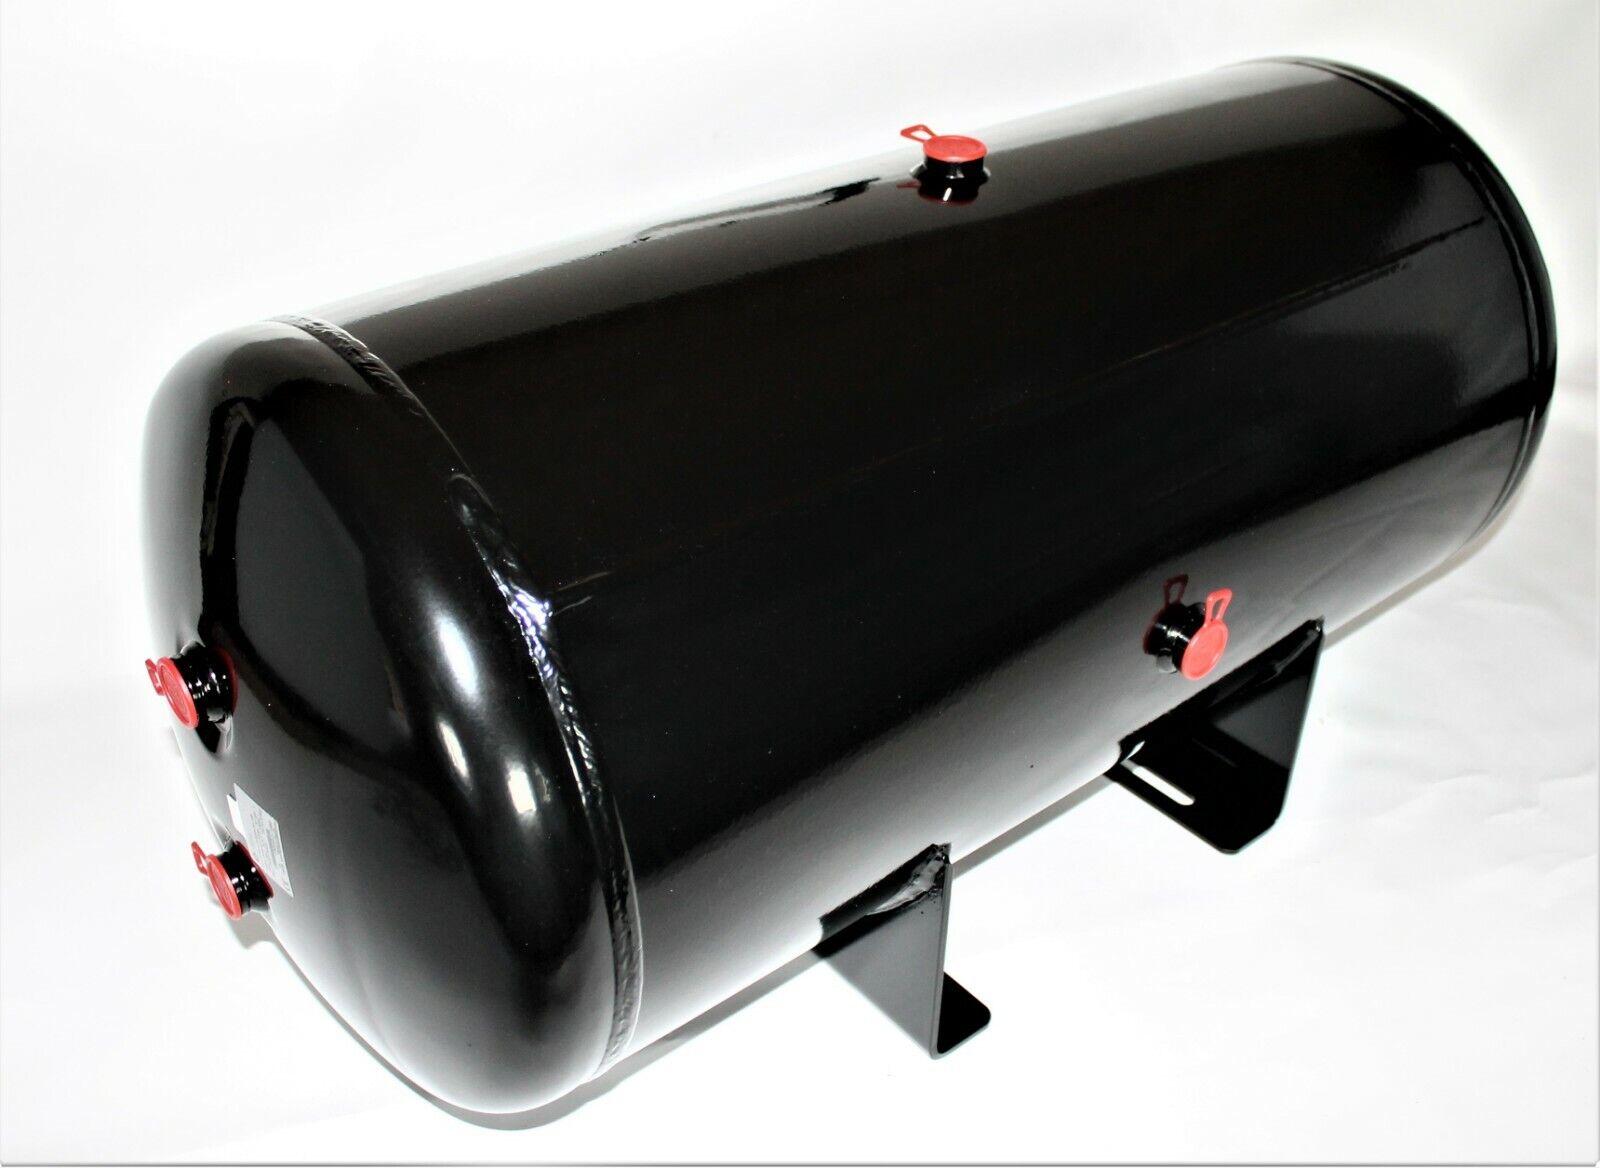 Druckluftkessel 100l m.Befestigung Druckluftbehälter Kessel Kompressor L4999.1